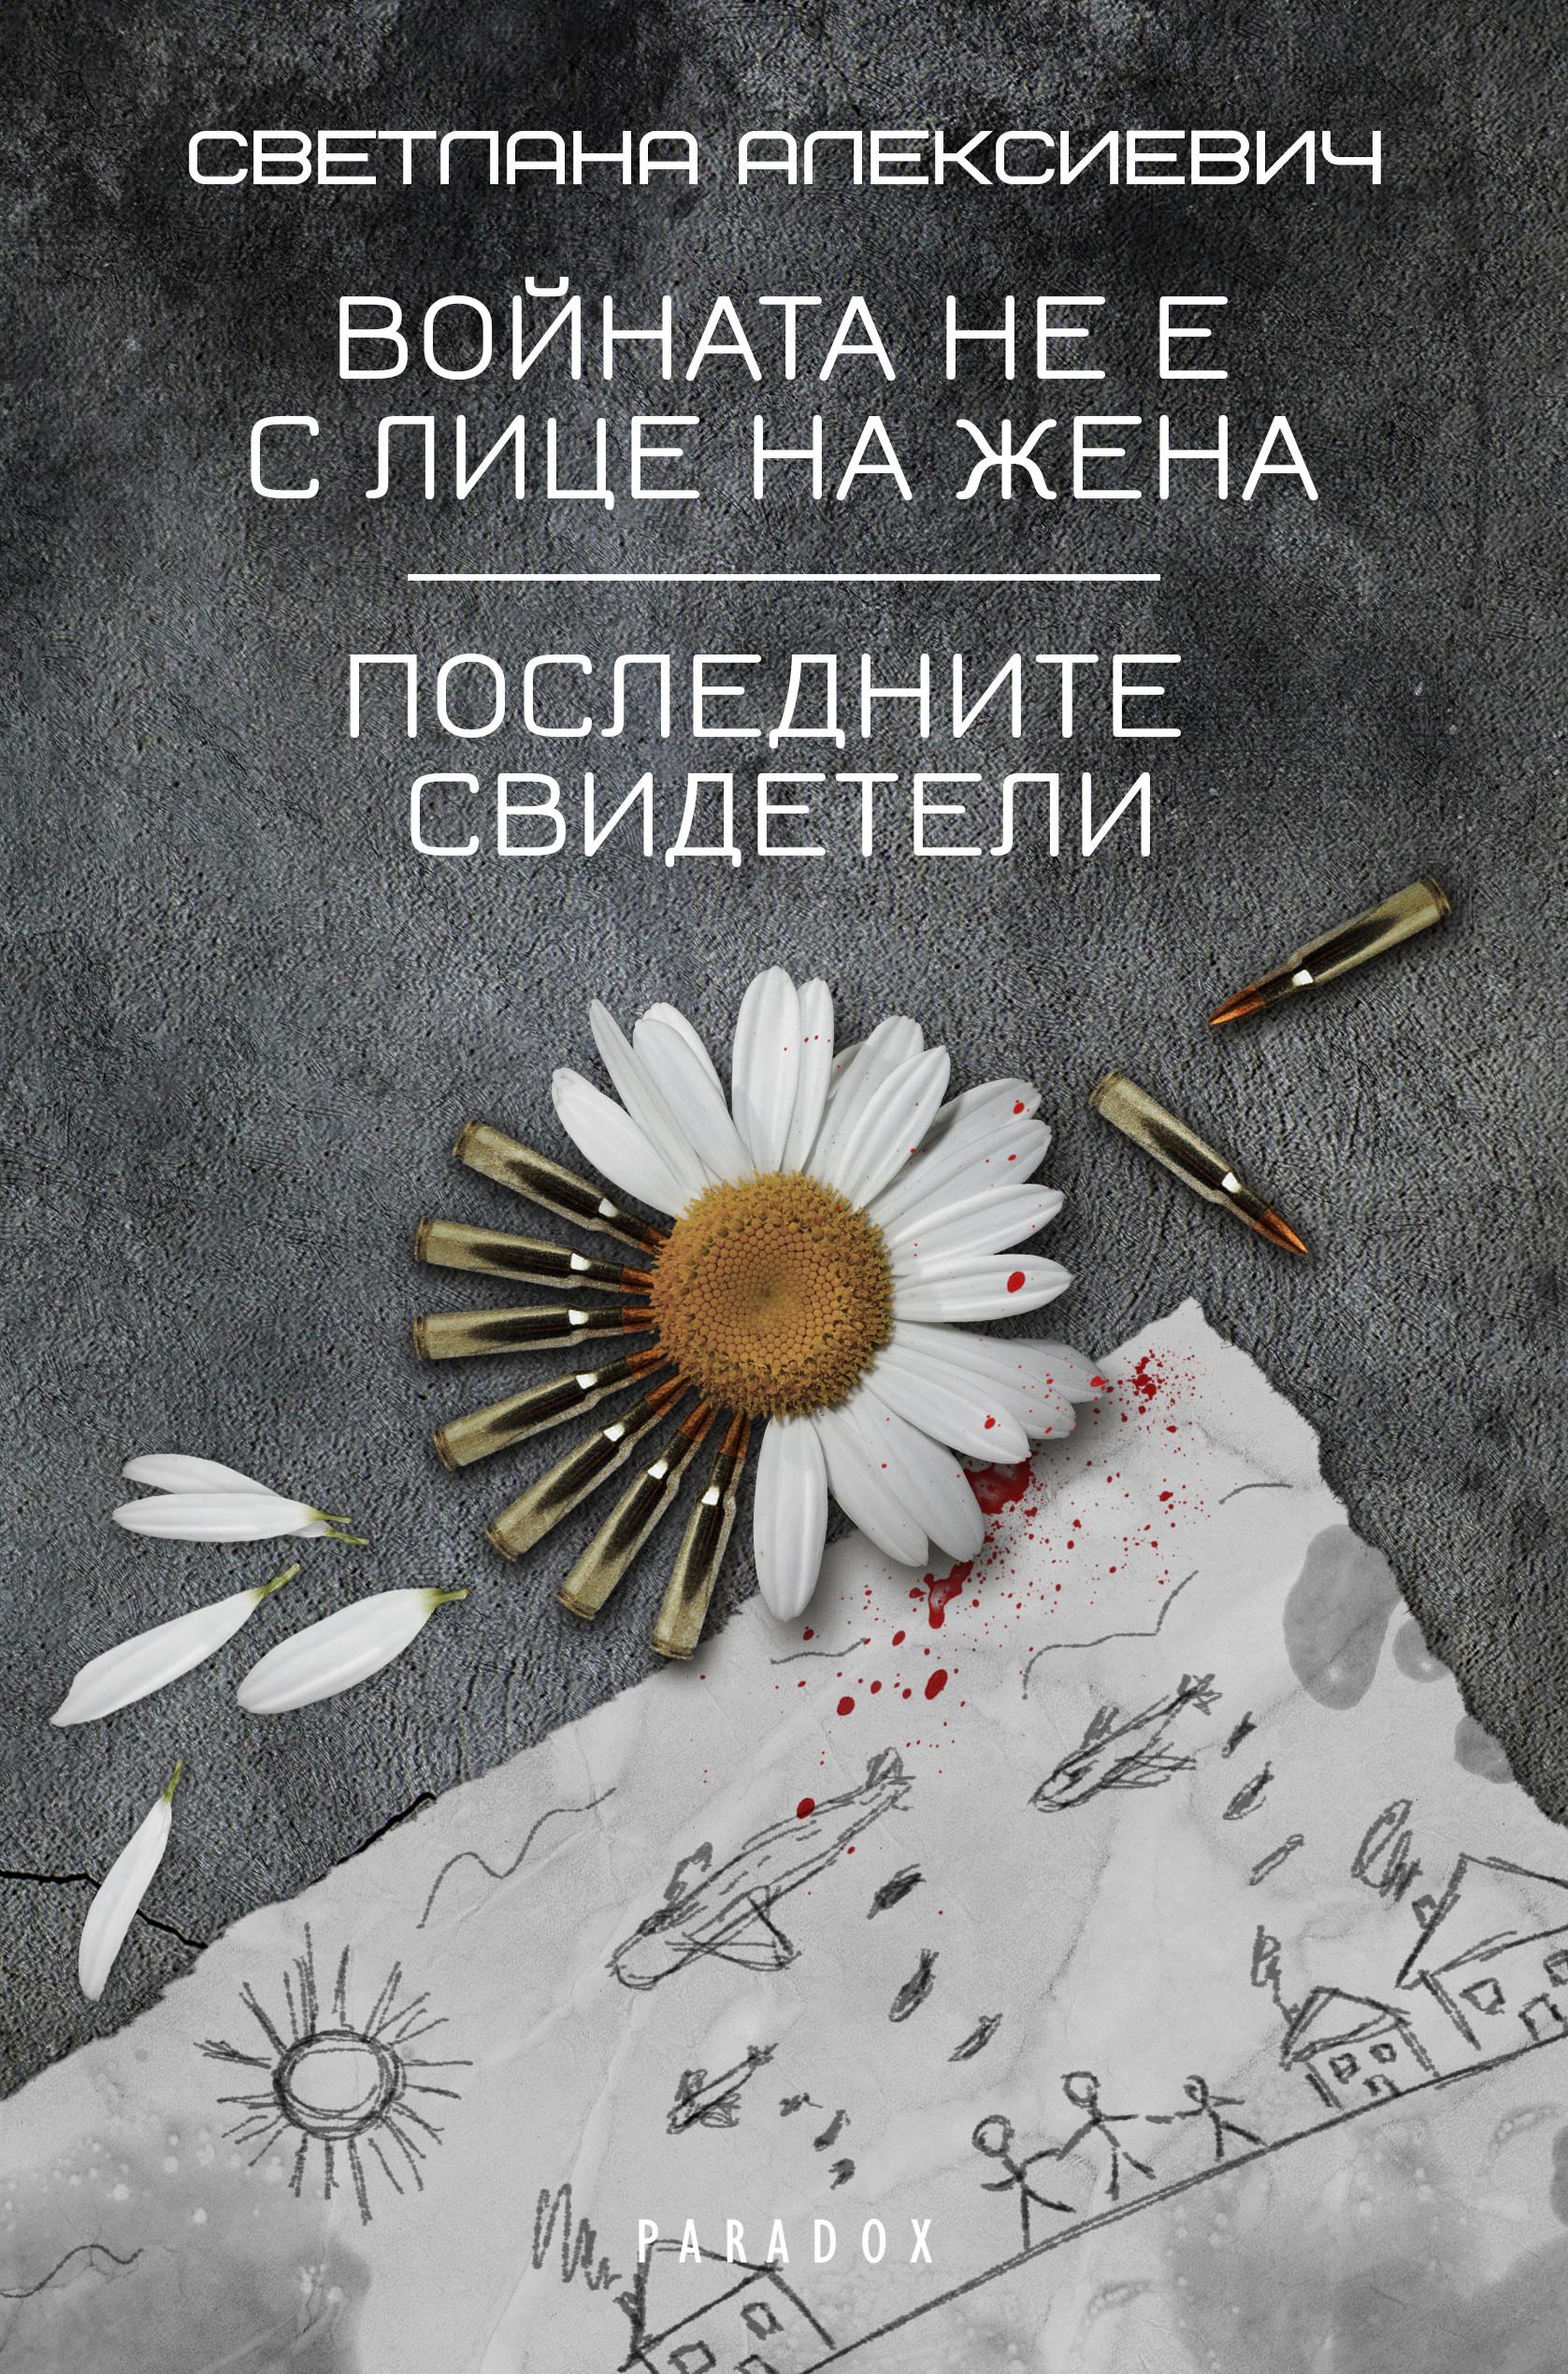 كتاب أصوات اليوتوبيا لـ سفيتلانا أليكسفيتش